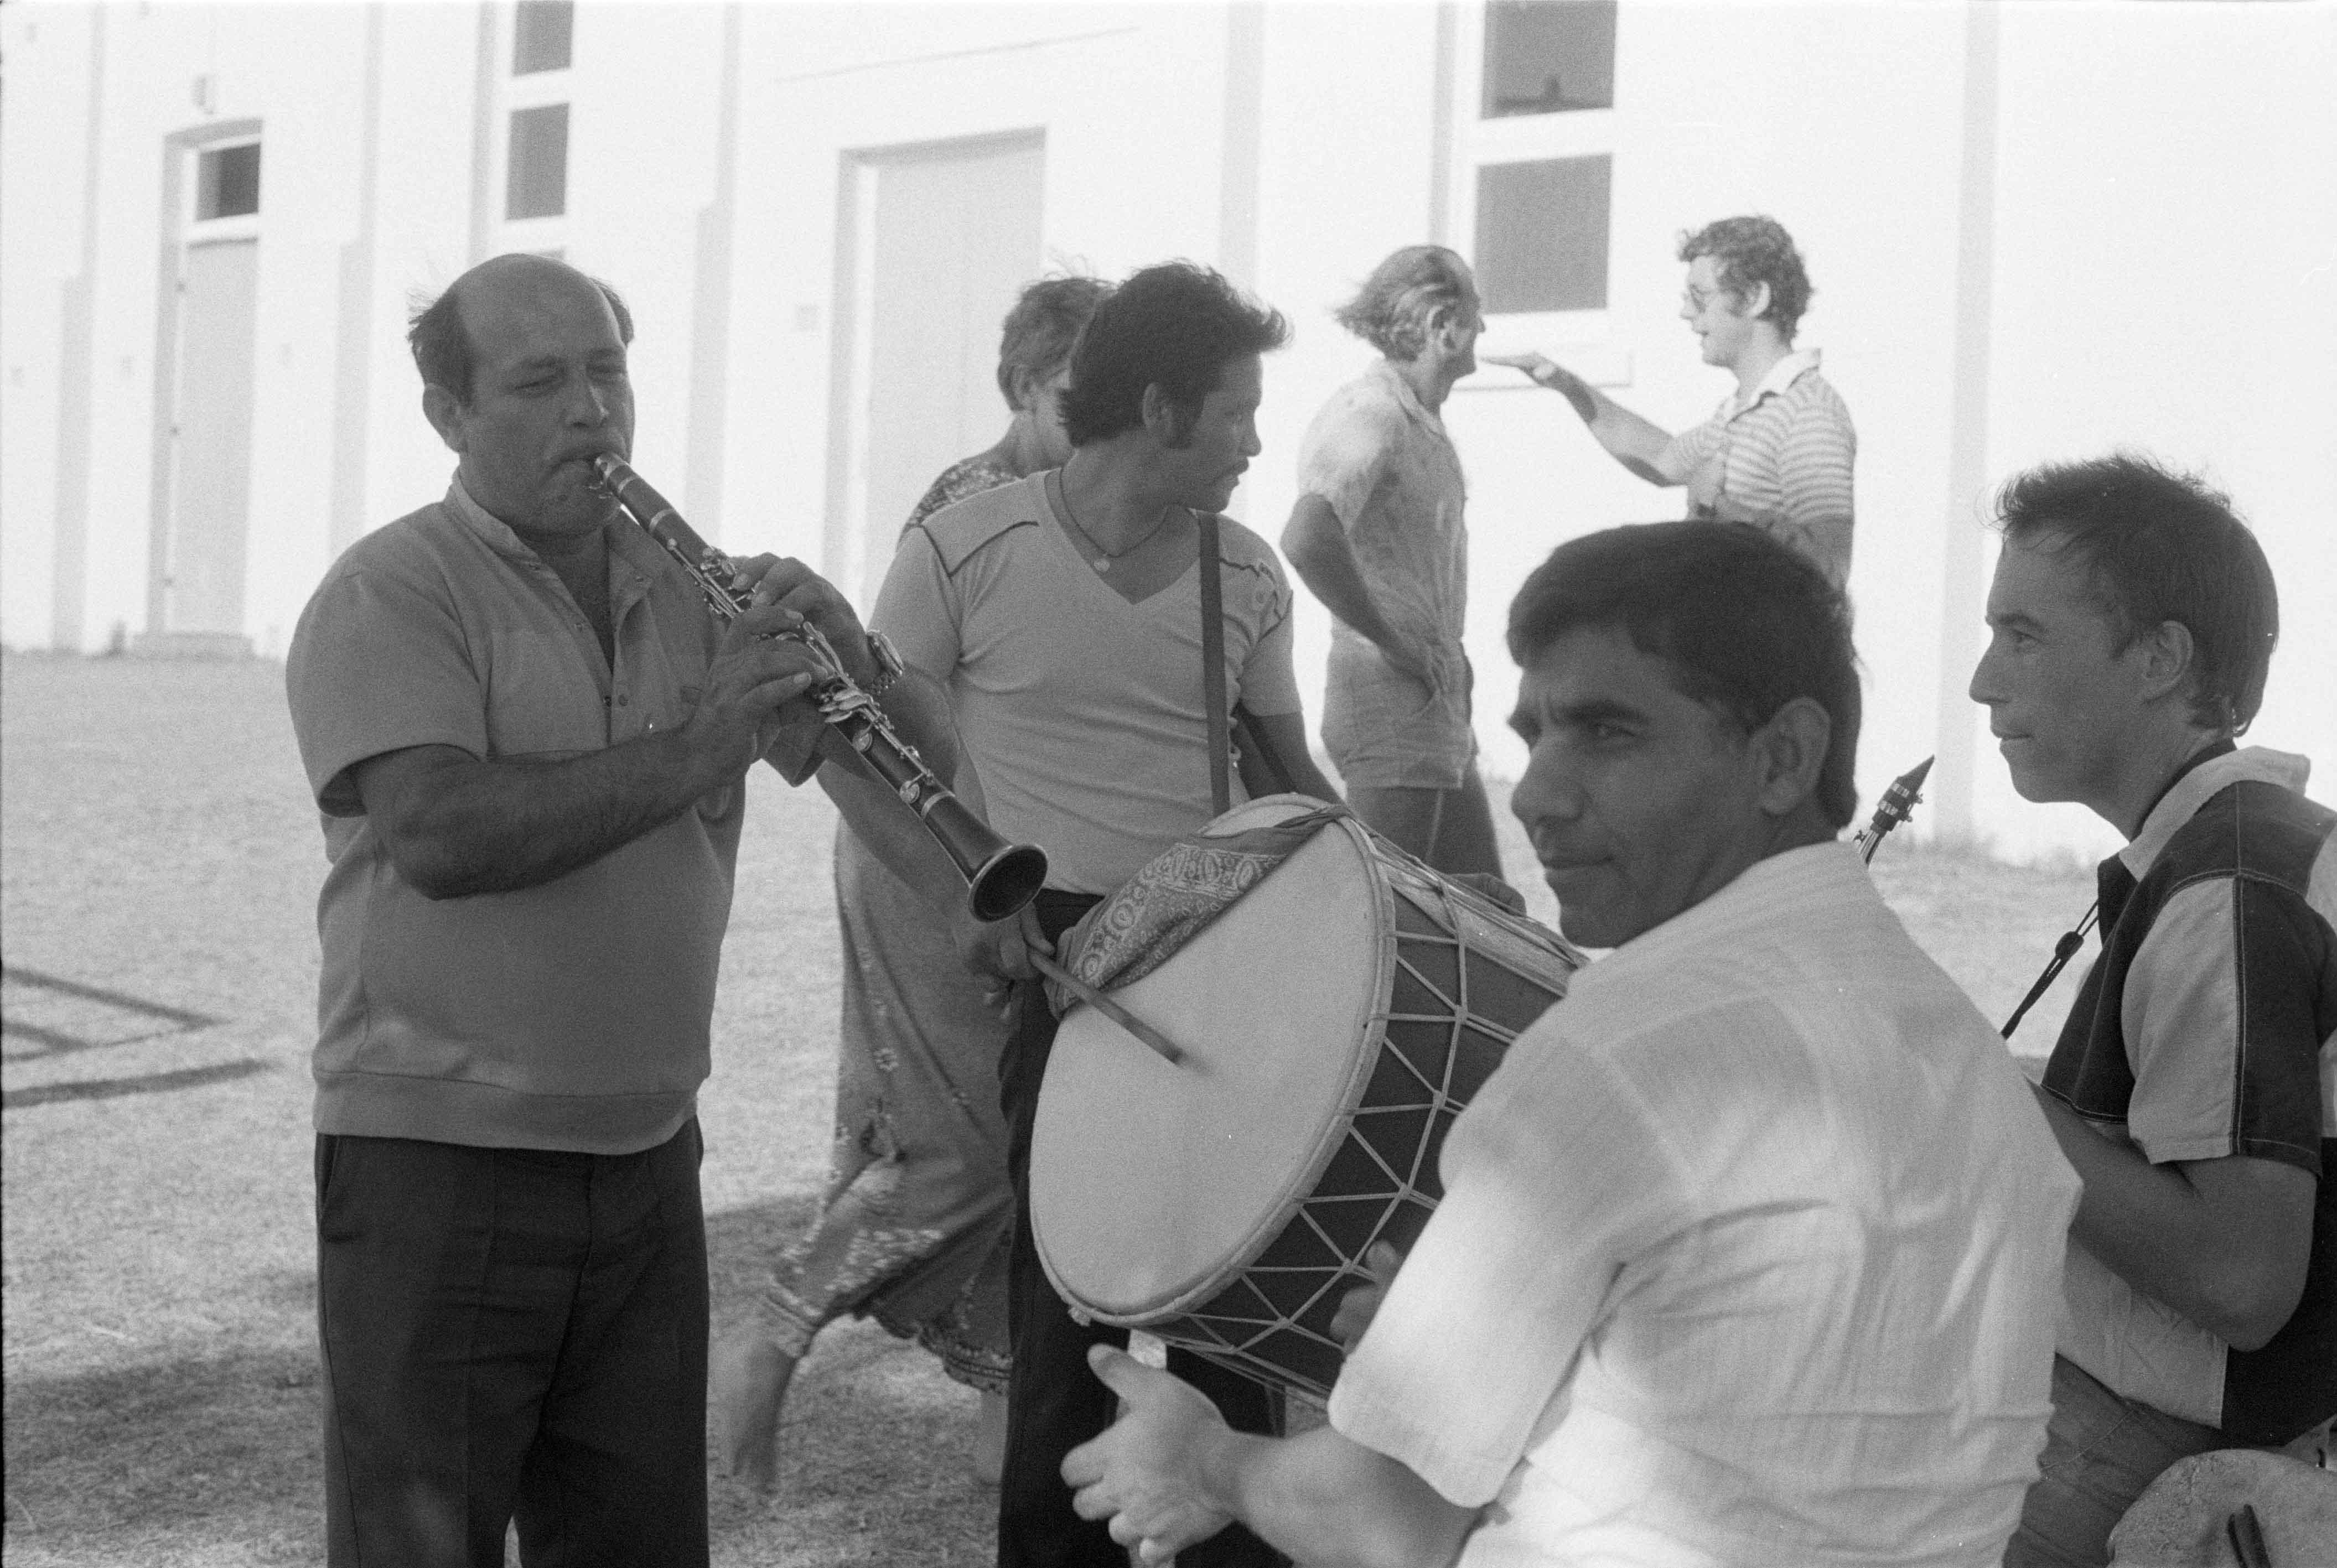 135. North Perth musicians, 1986